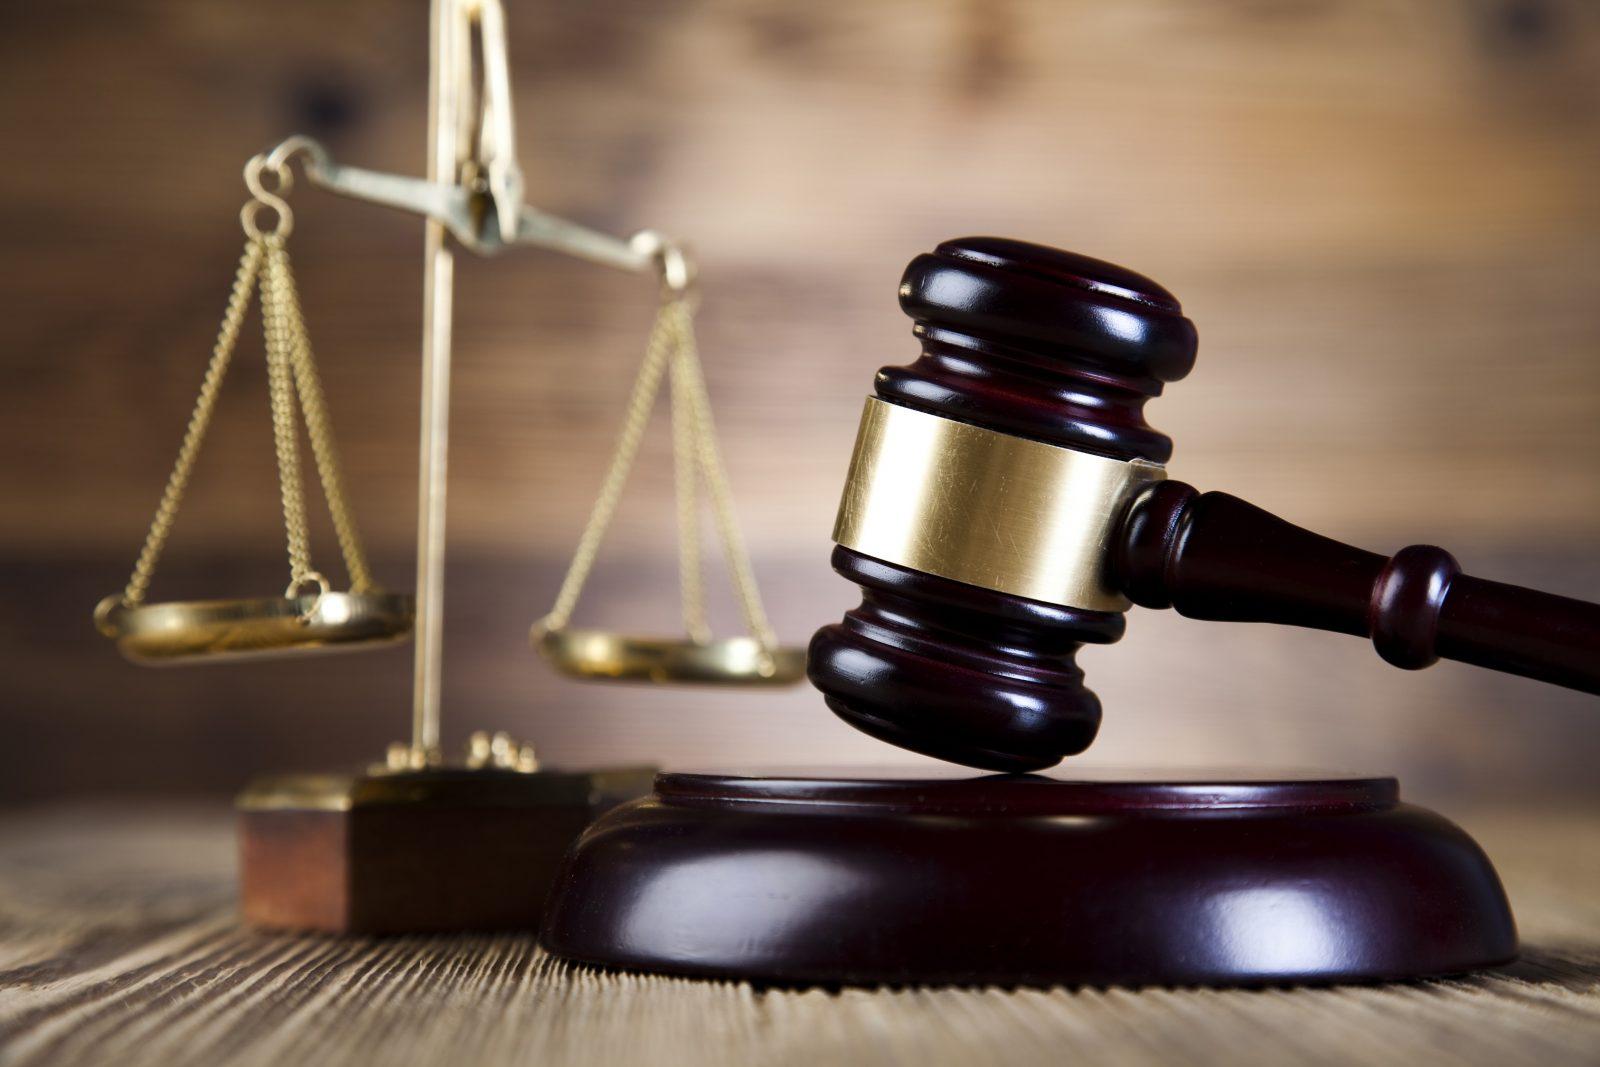 Arrestations pour proxénétisme : les accusés identifiés